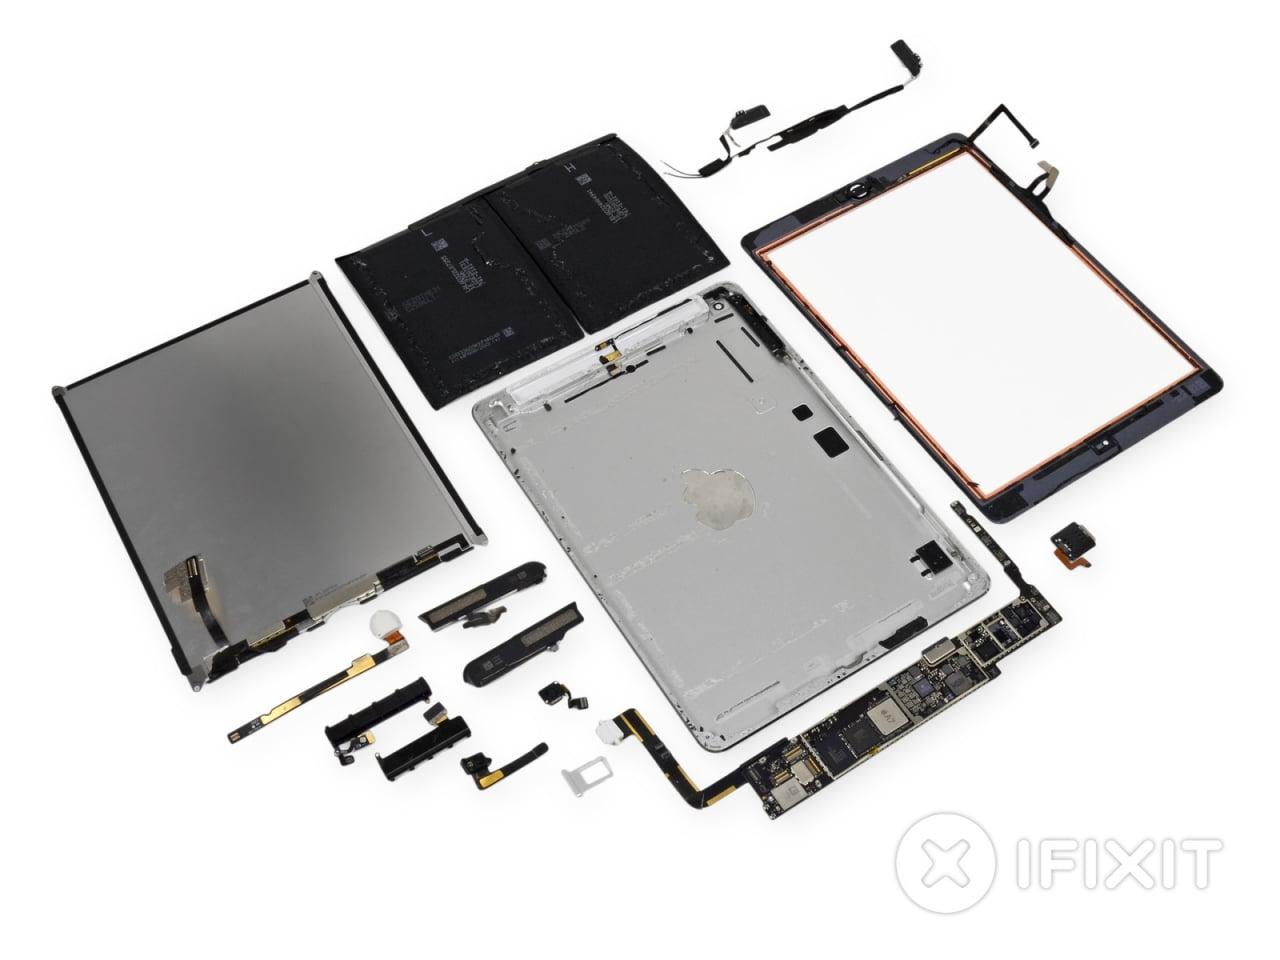 iPad Air desfacut